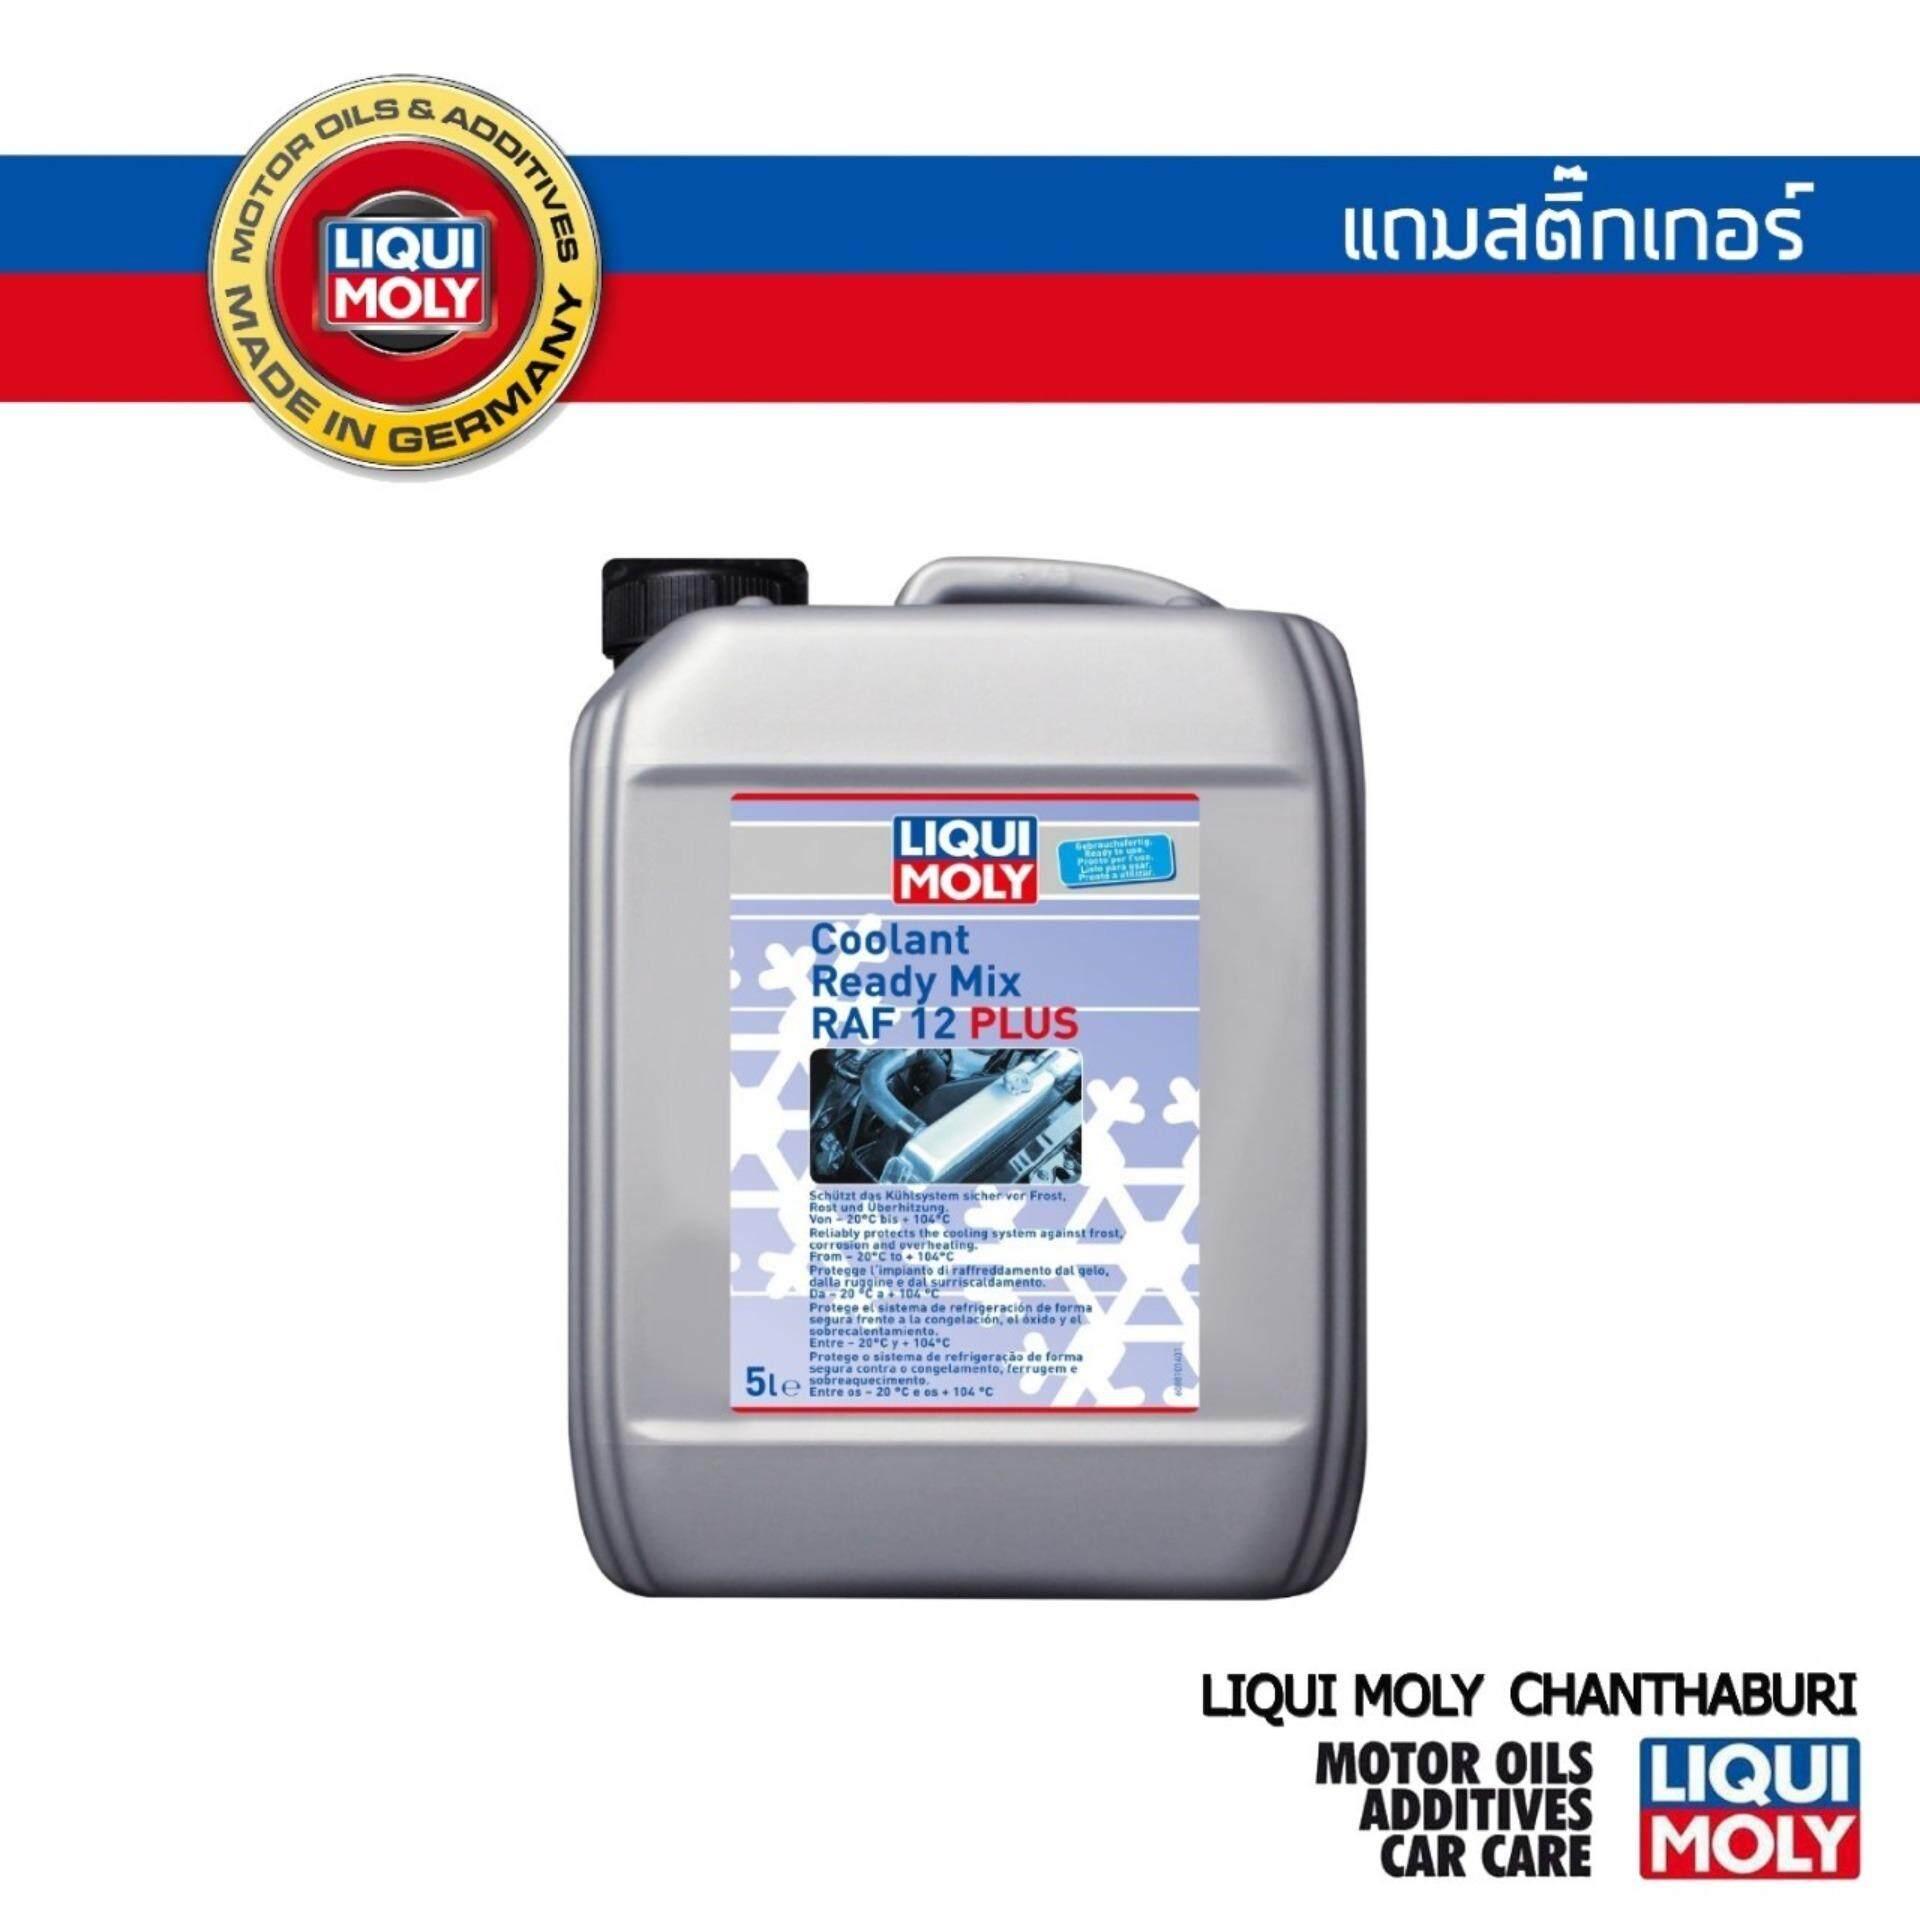 LIQUI MOLY น้ำยาหล่อเย็น น้ำยาหม้อน้ำสูตรผสมเสร็จ Coolant Ready Mix RAF 12 PLUS ขนาด 5 ลิตร